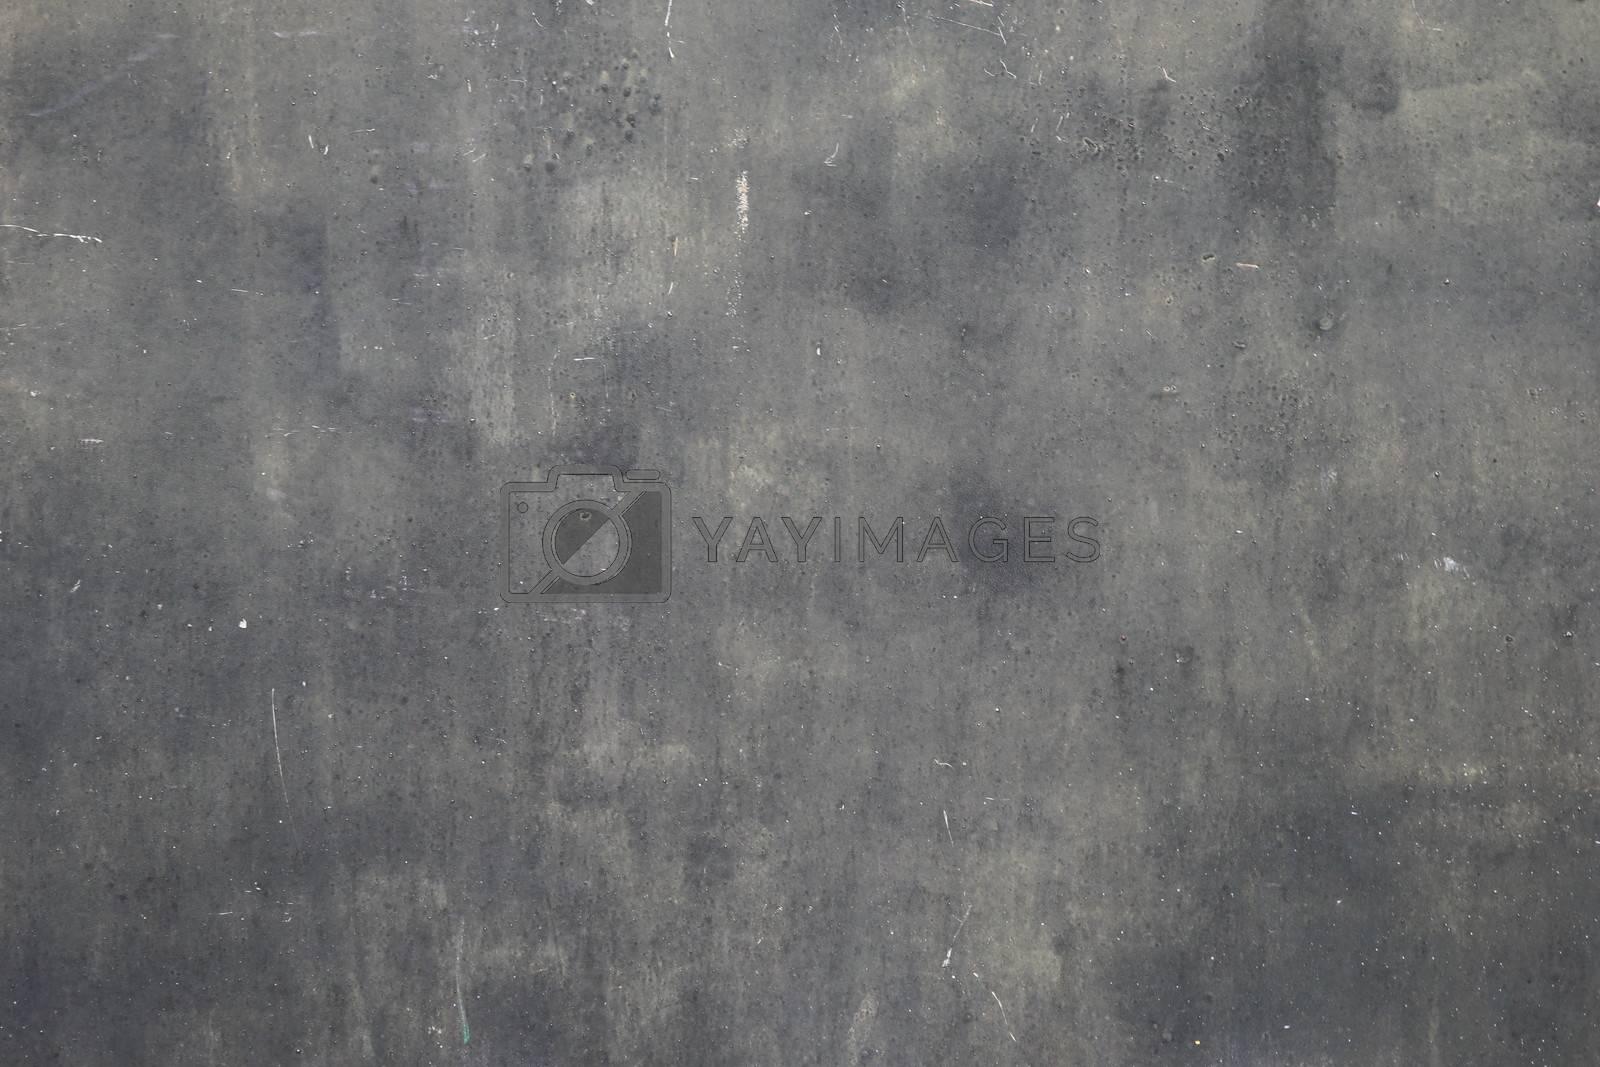 Royalty free image of grunge texture by Pakhnyushchyy